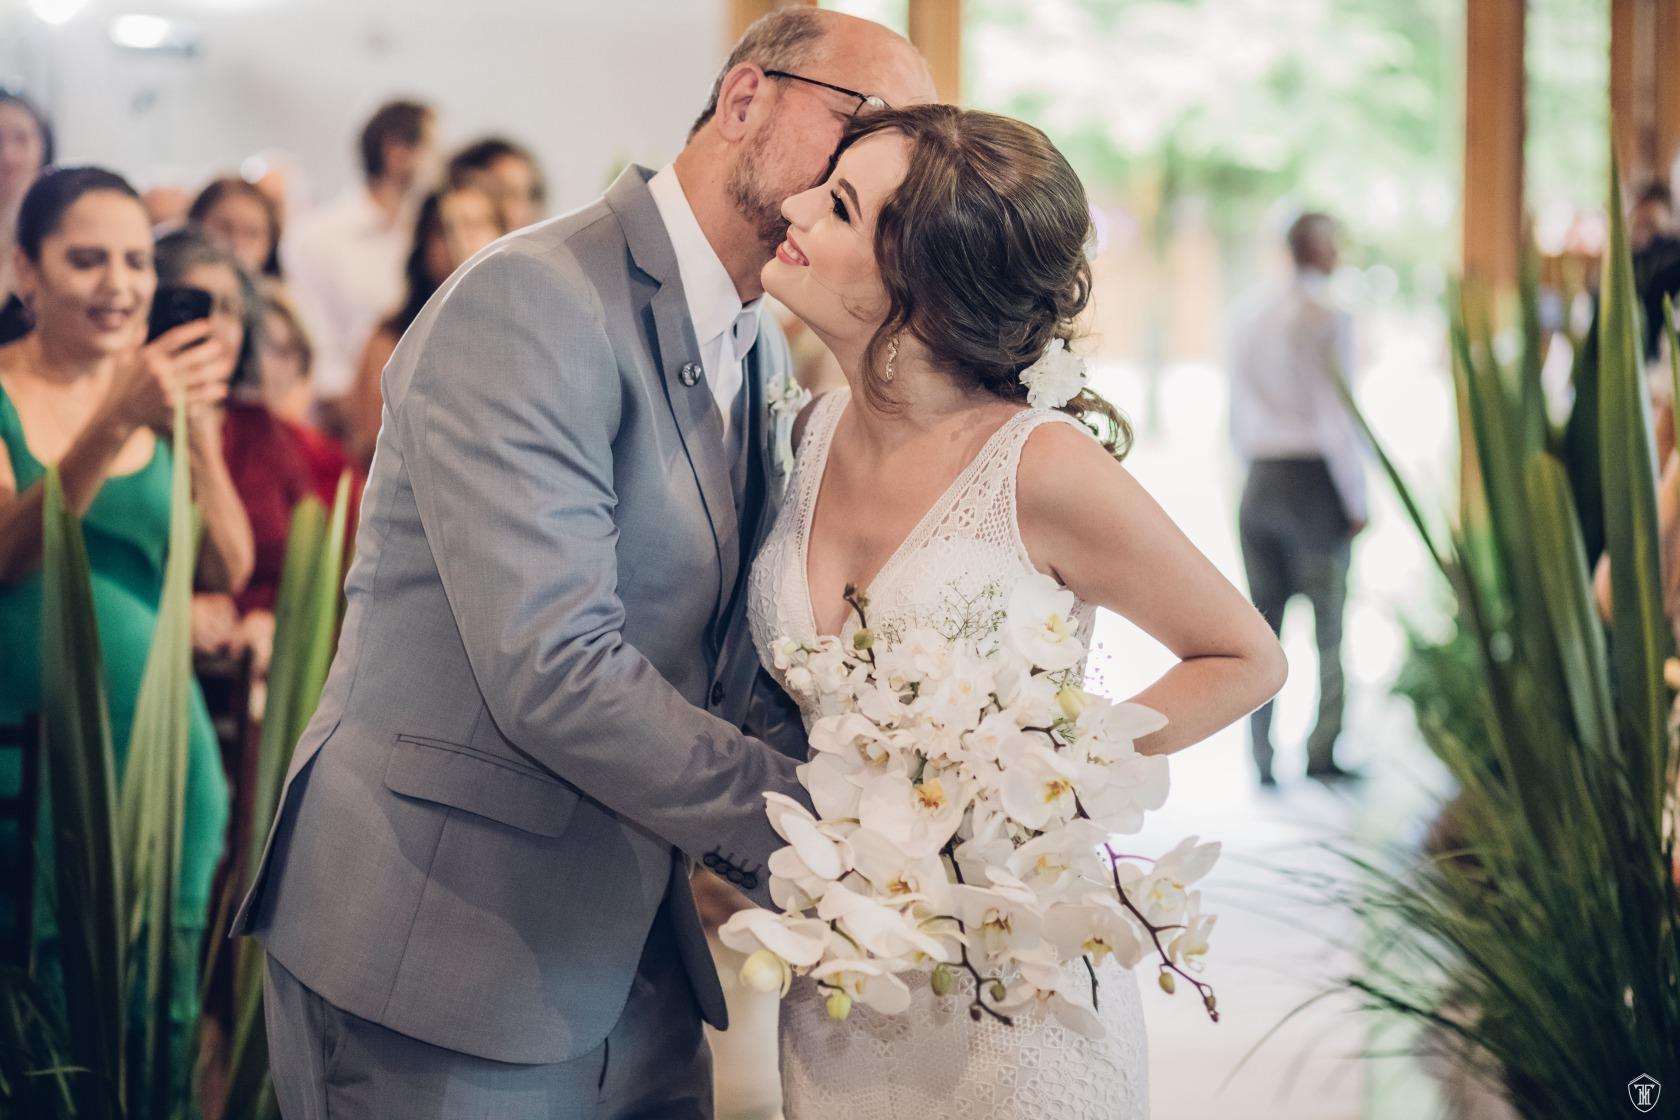 Casamento em Mateus Leme Sara e Elvio - Zephora Linha Silver - Tiago Melo Fotografia